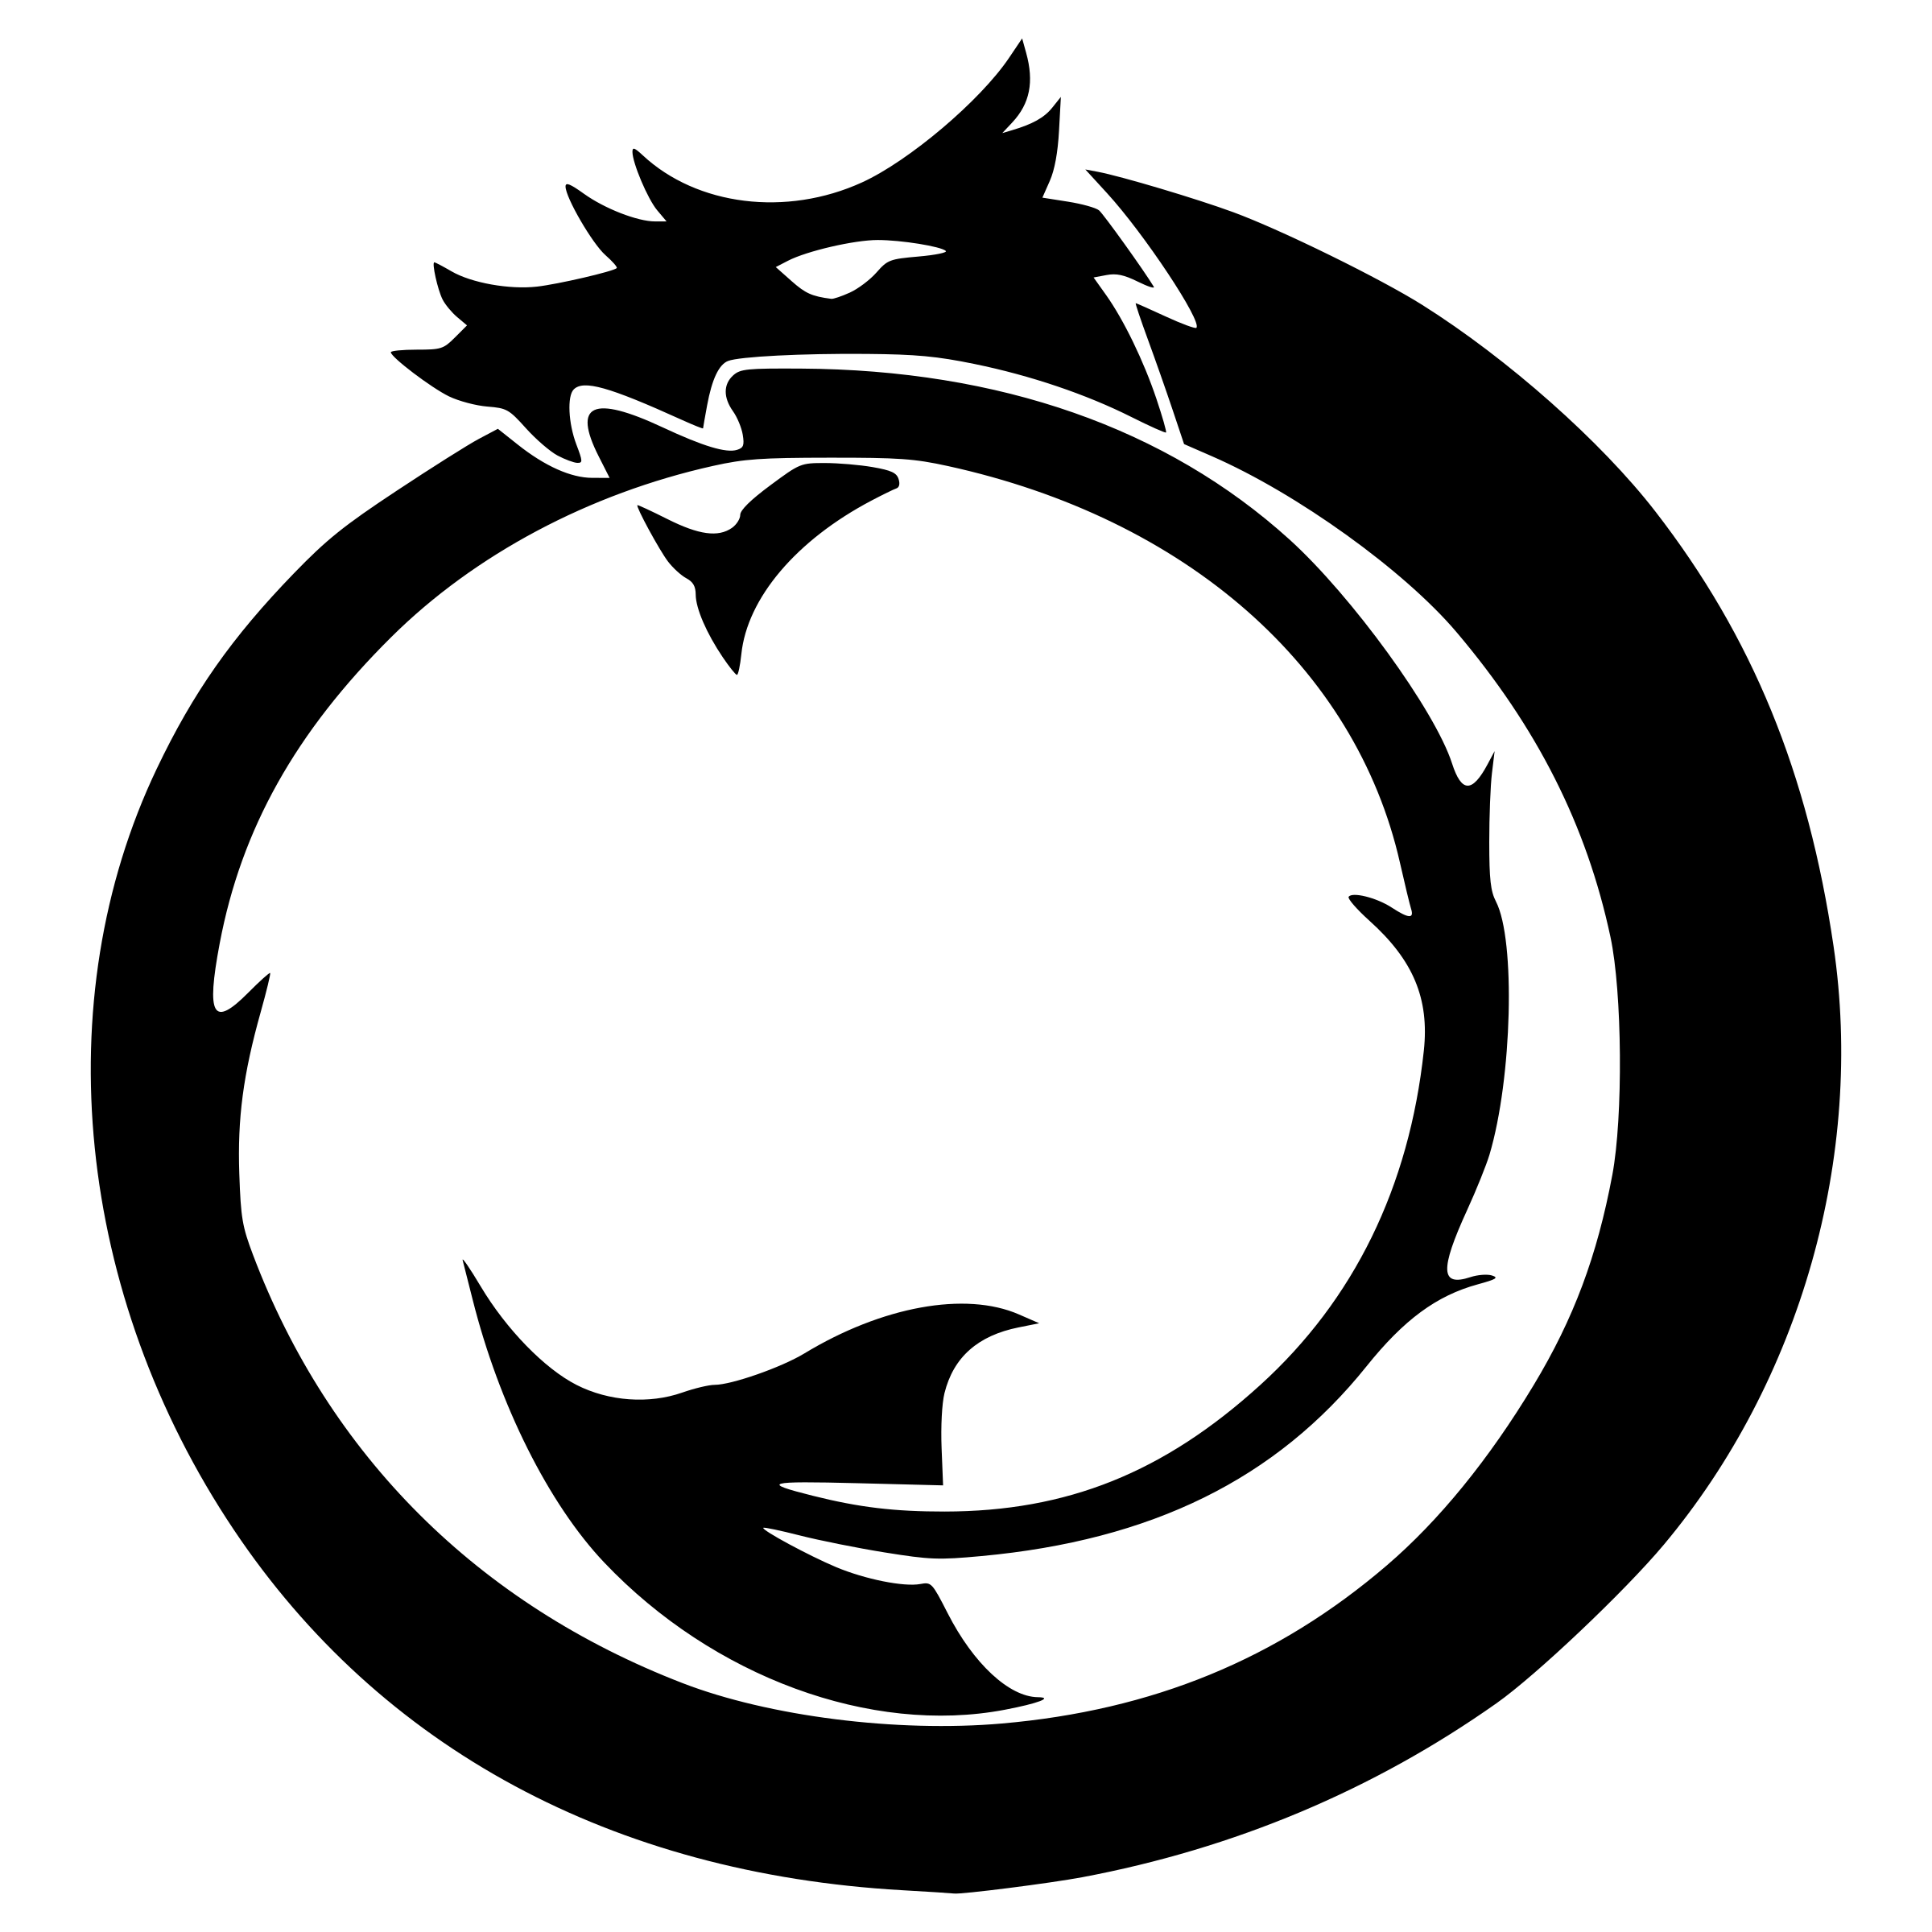 знак уробороса картинки корея имеет